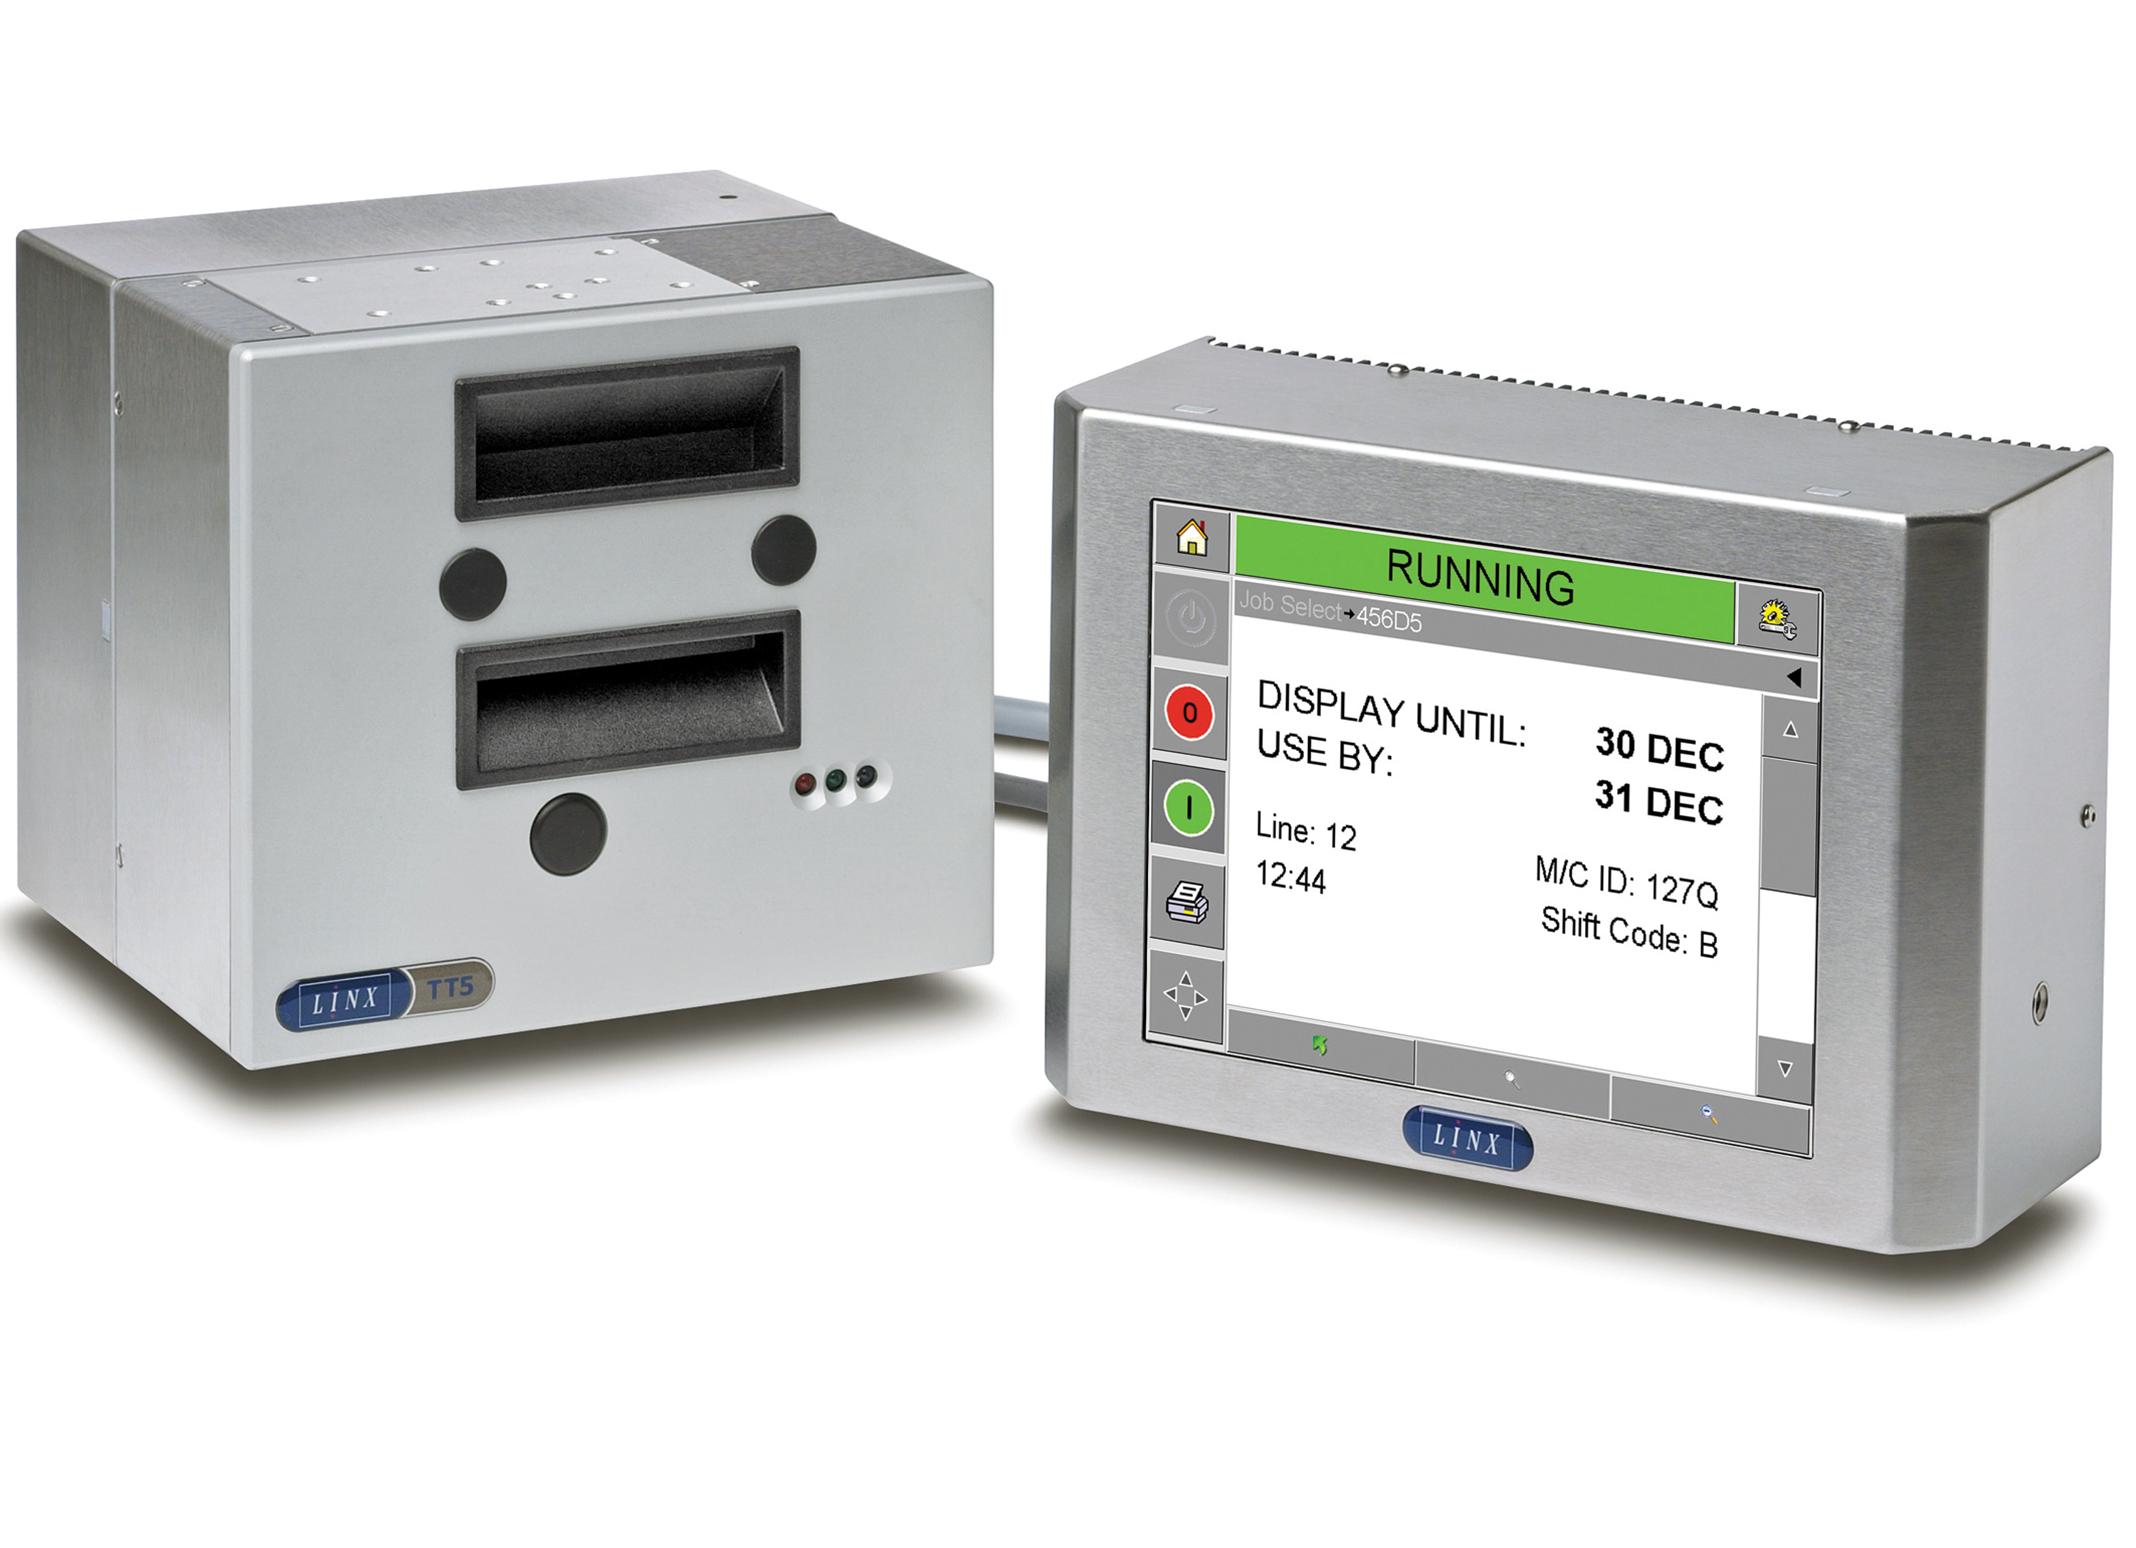 Para codificar sobre embalaje de película flexible, etiquetas o tarjetas satinadas, la serie TT de Linx de impresoras de